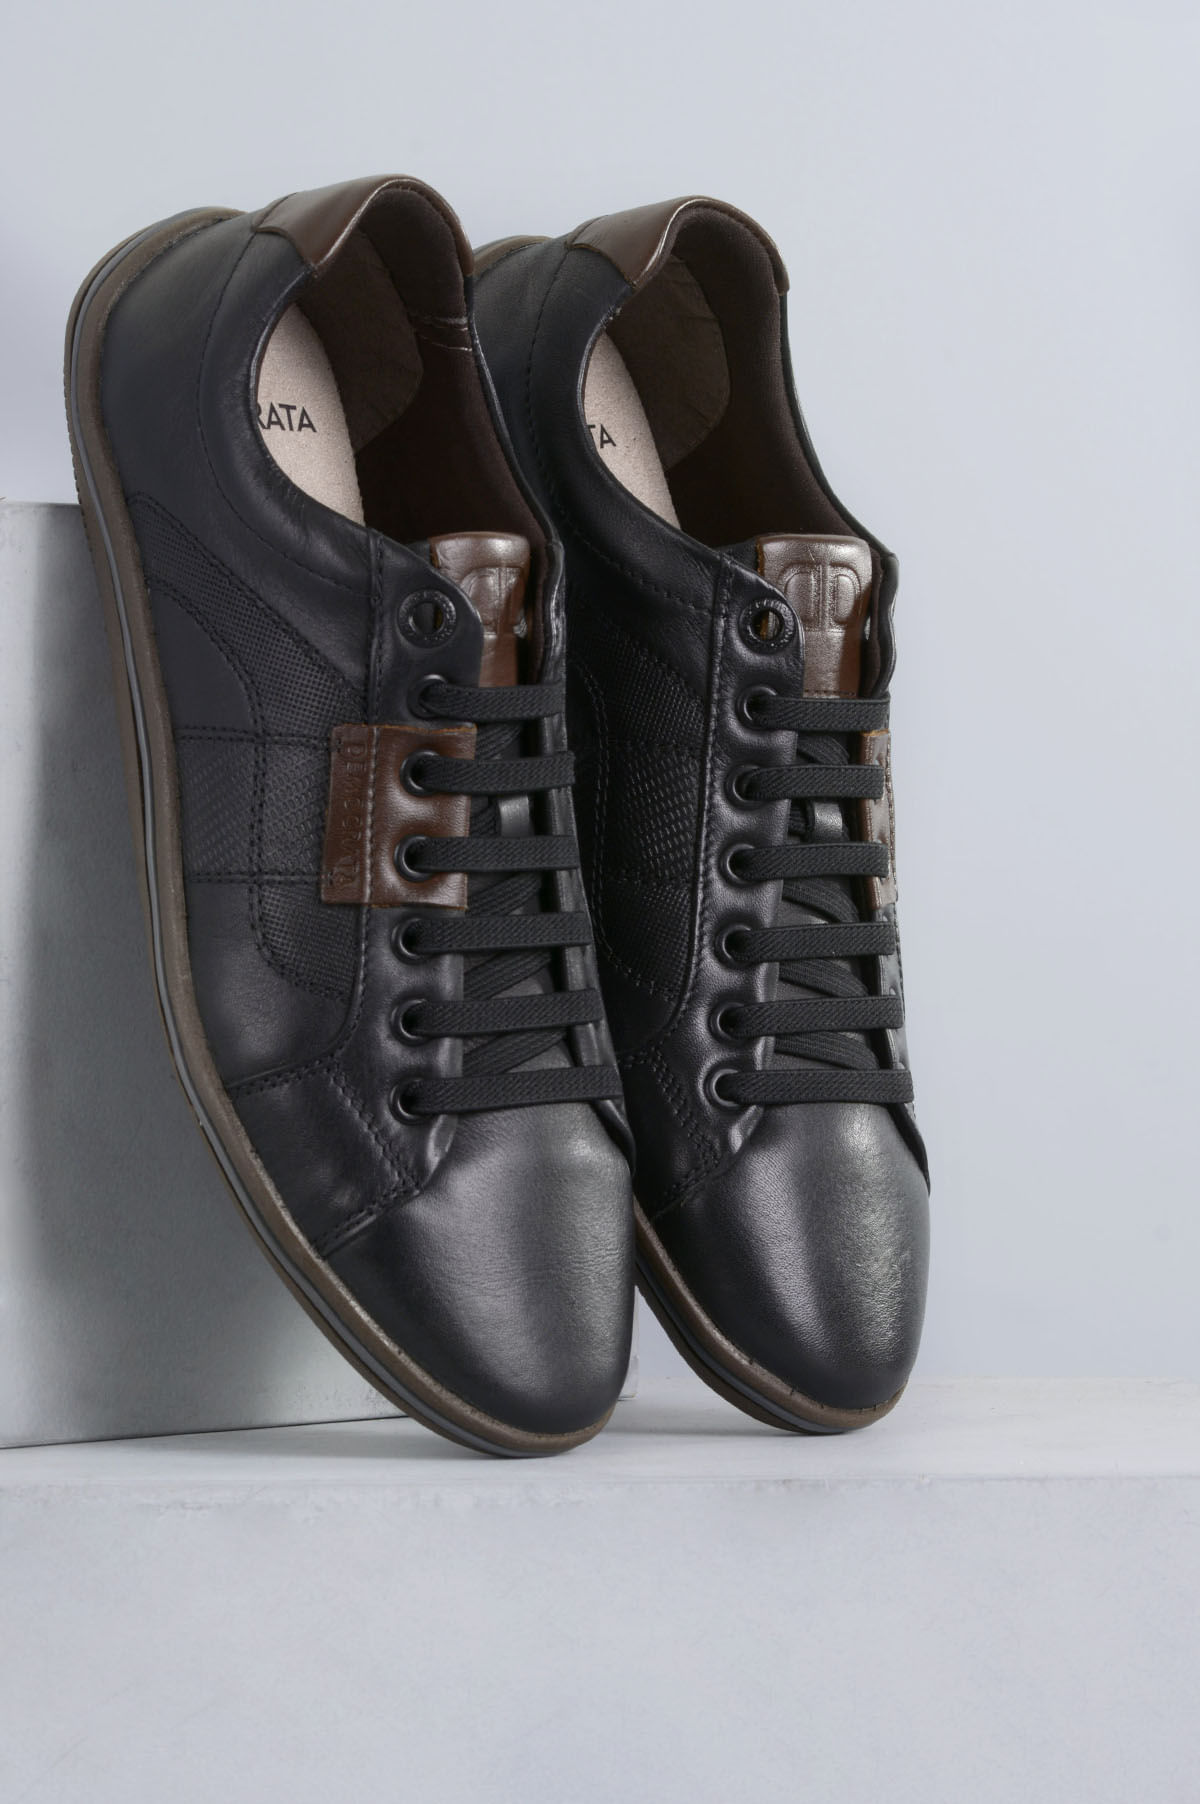 0ecab2242b4 Sapatênis Masculino Democrata Rave CR-PRETO - Mundial Calçados